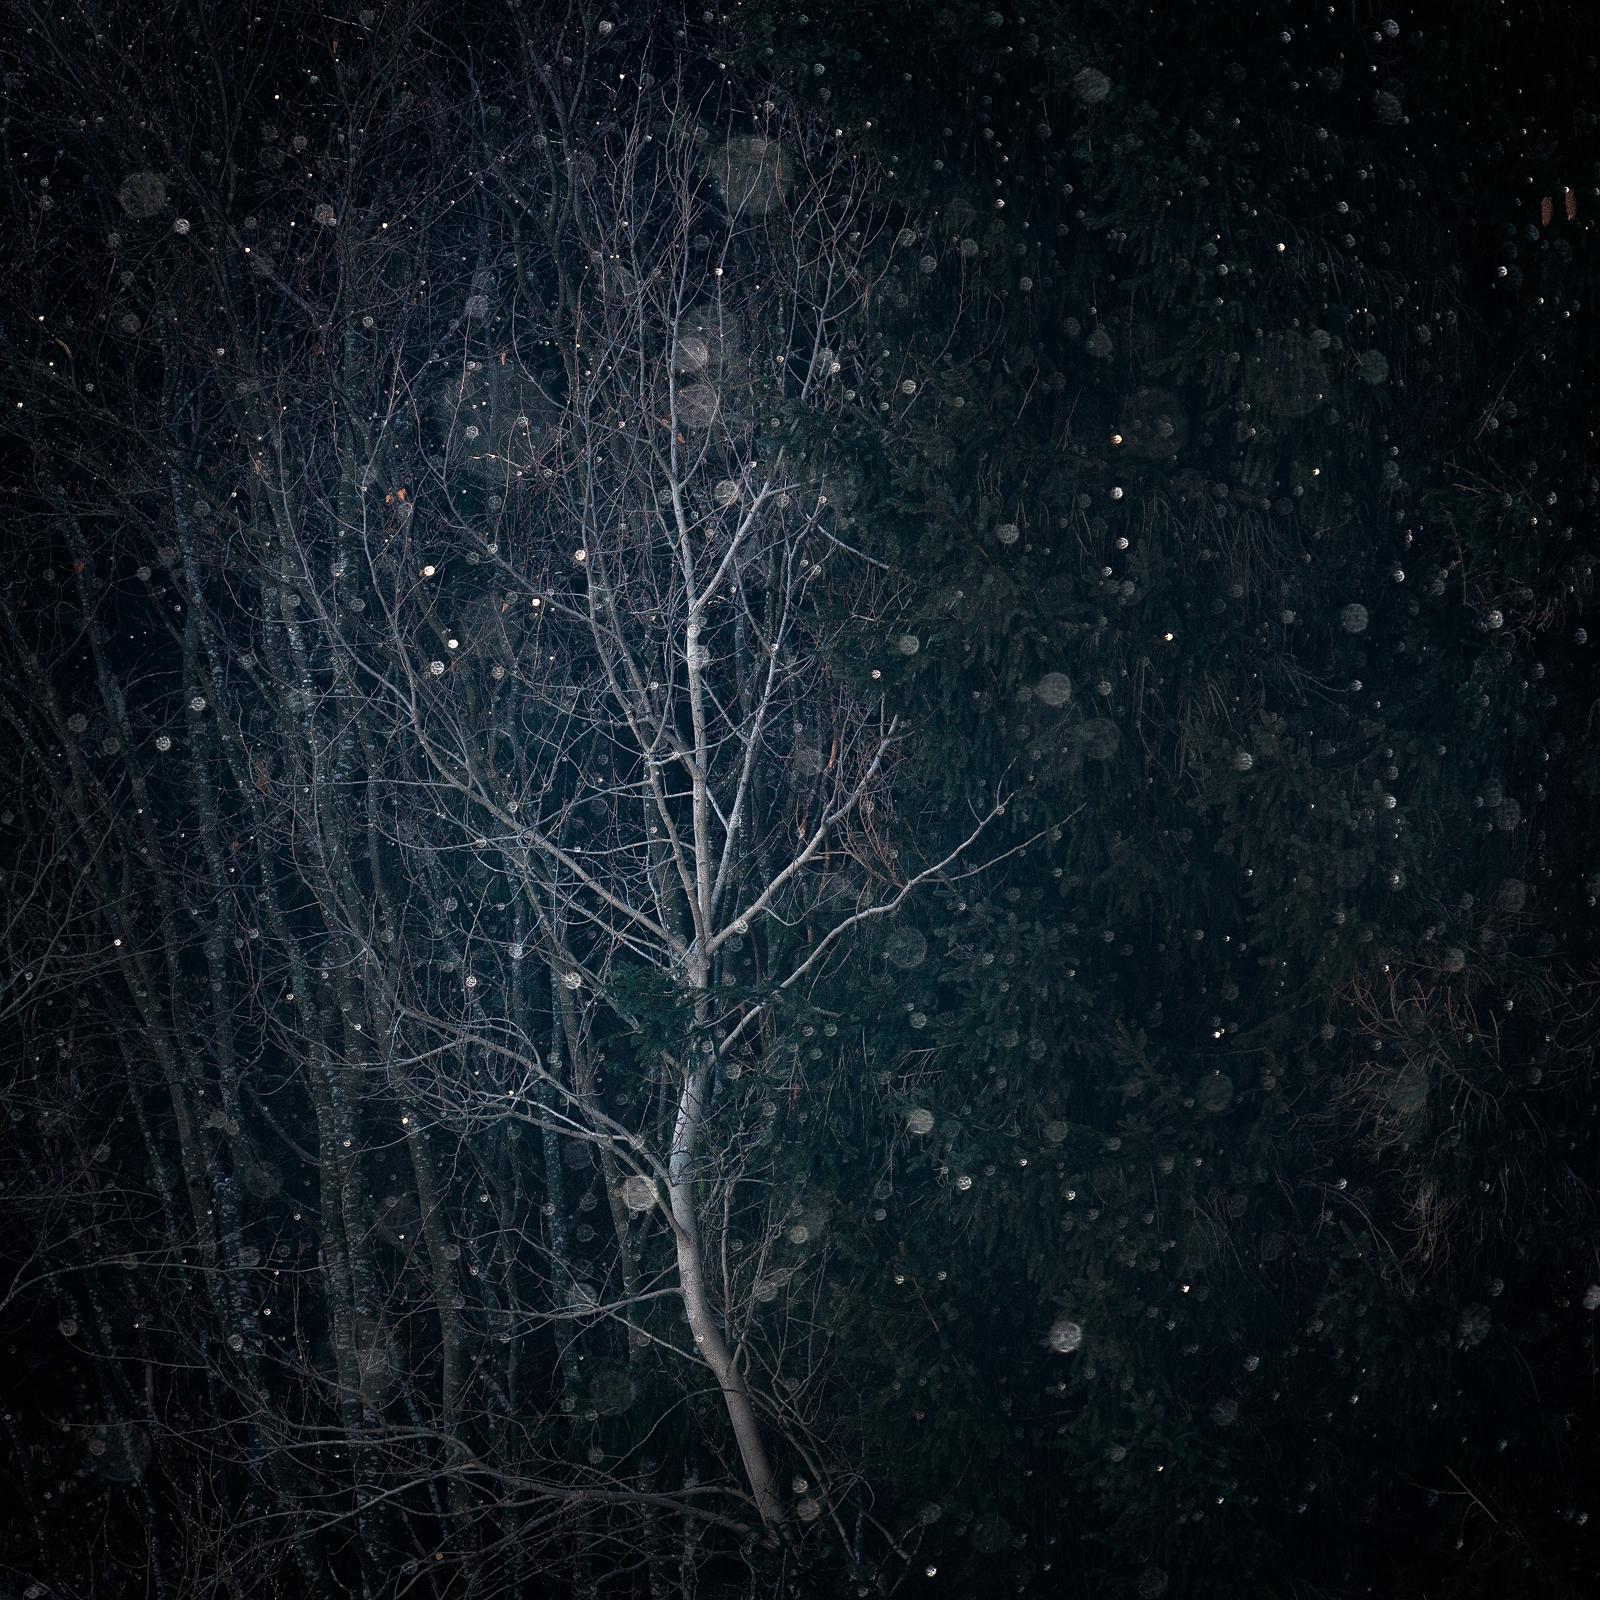 Nature - Photo 21